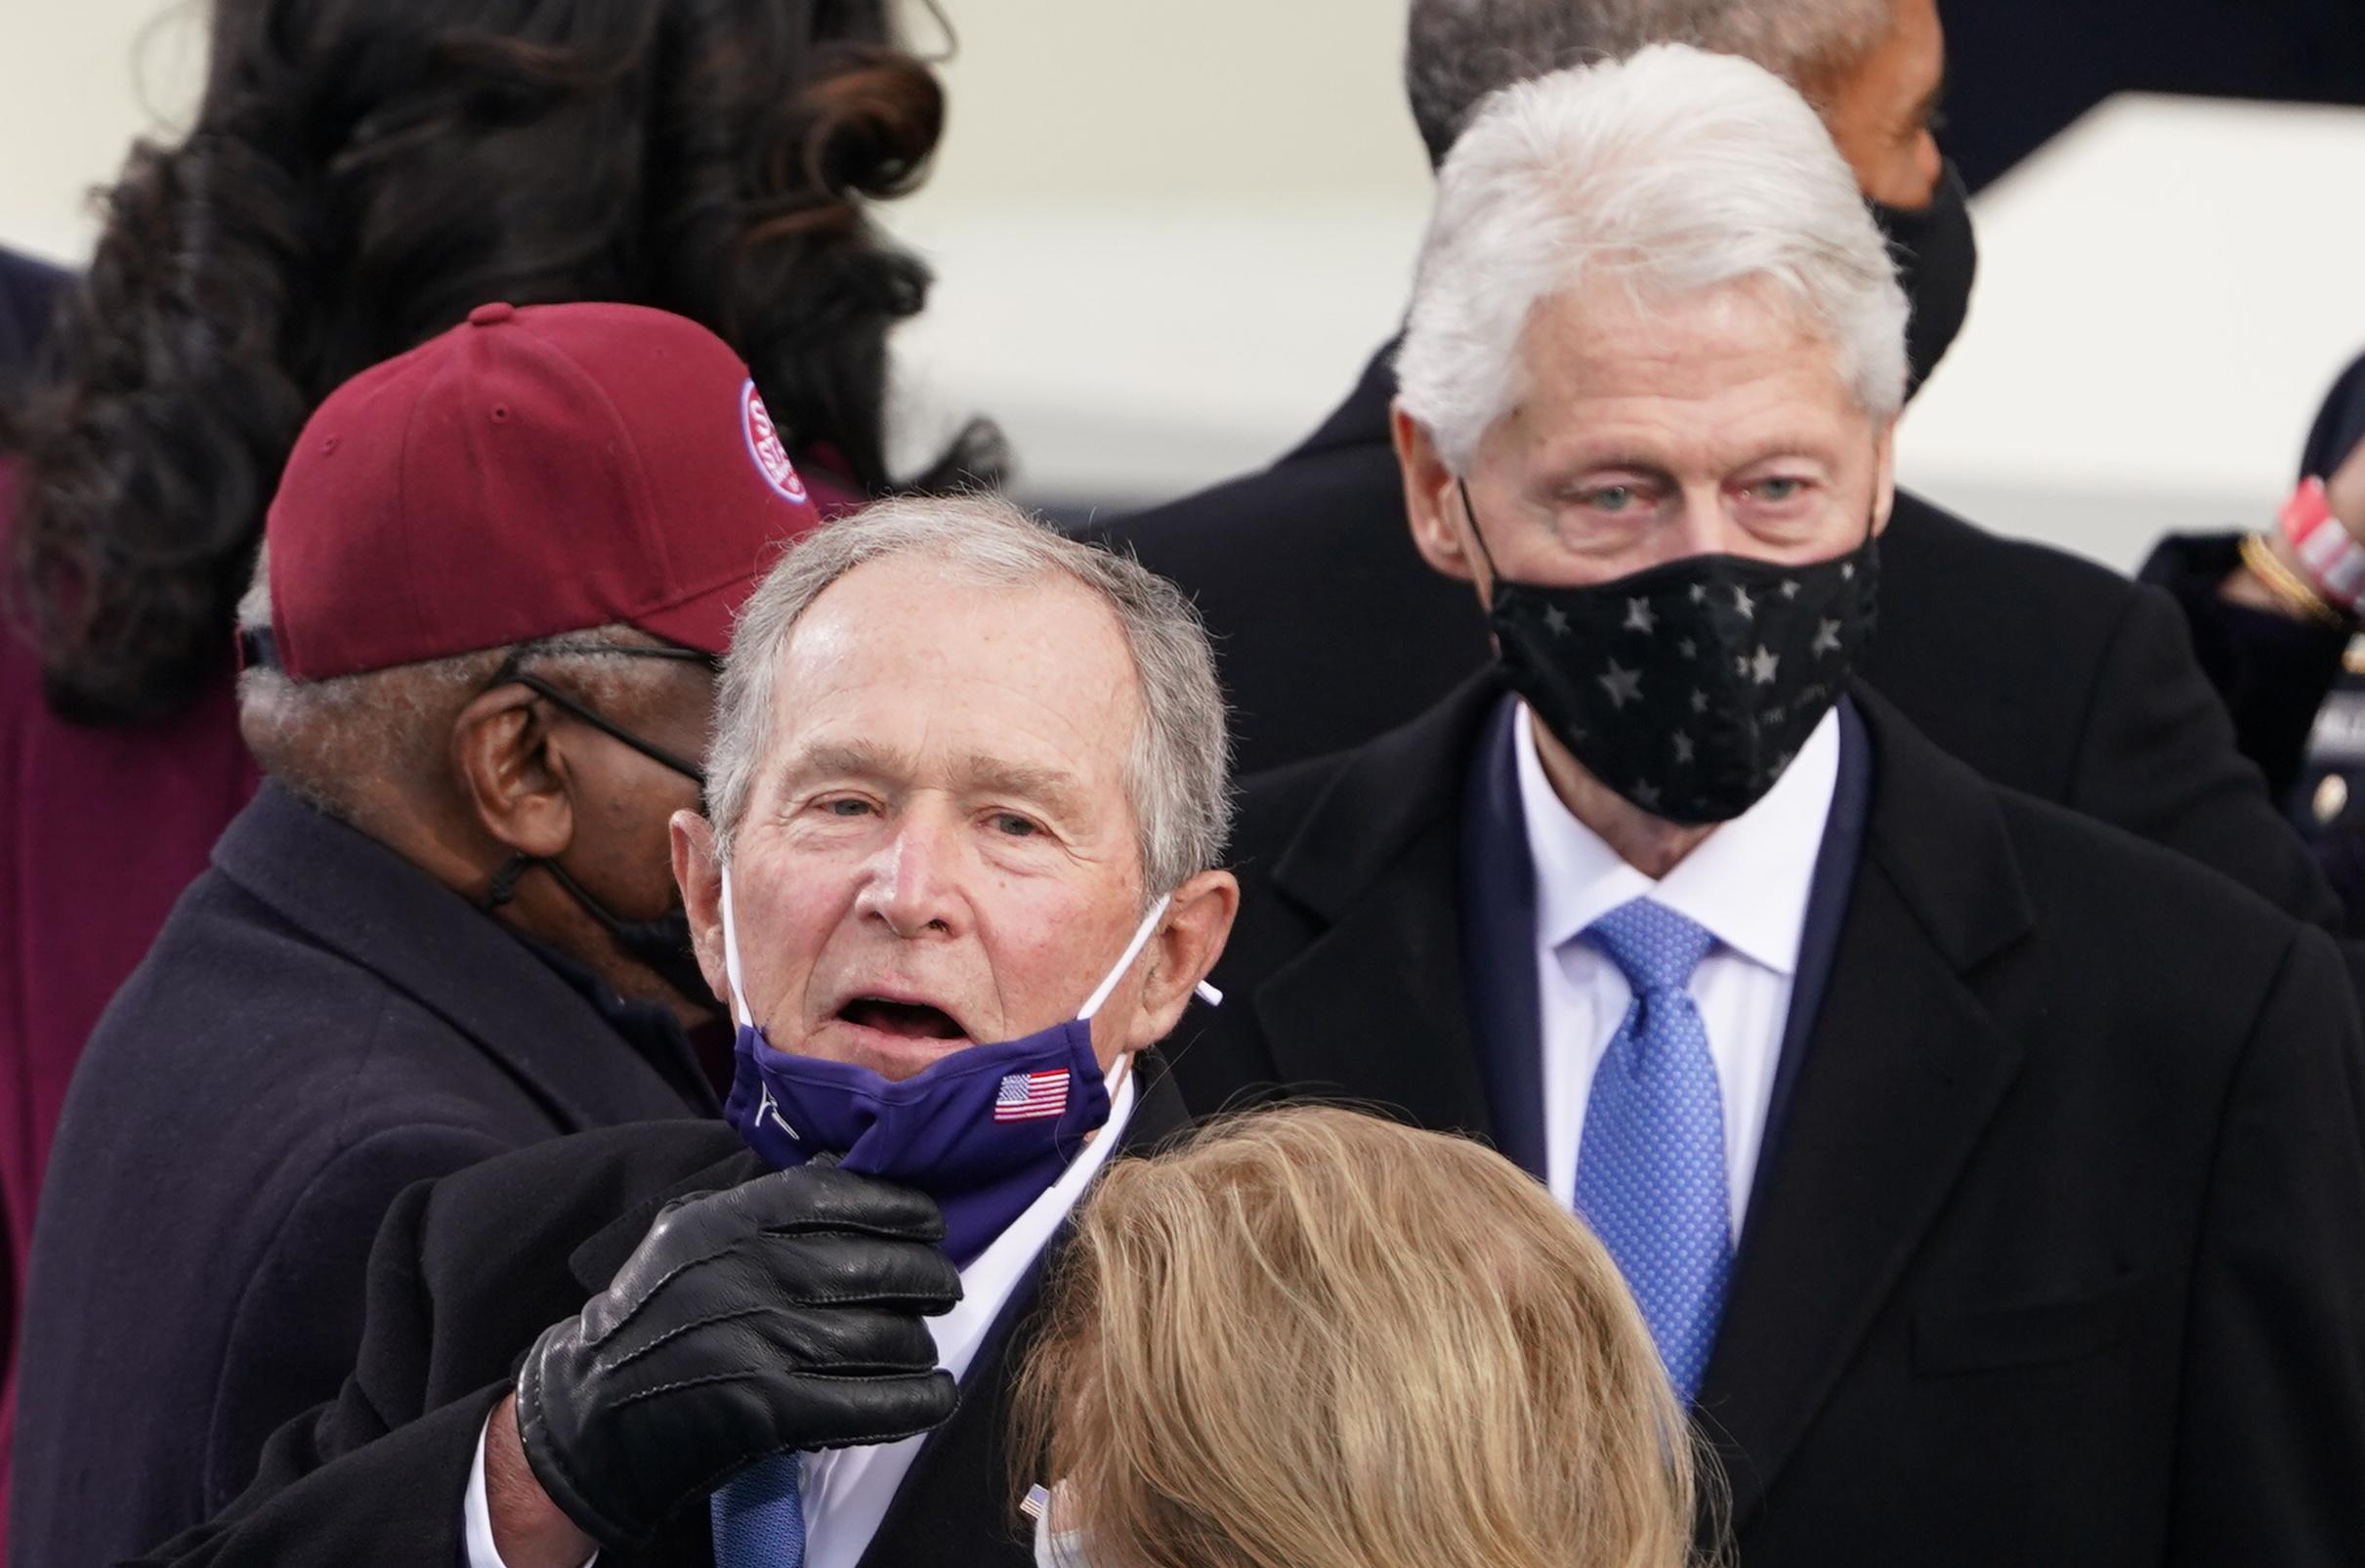 بدا بوش سعيدا ومبتسما في الحفل.. ويظهر إلى الخلف الرئيس الأسبق بيل كلينتون